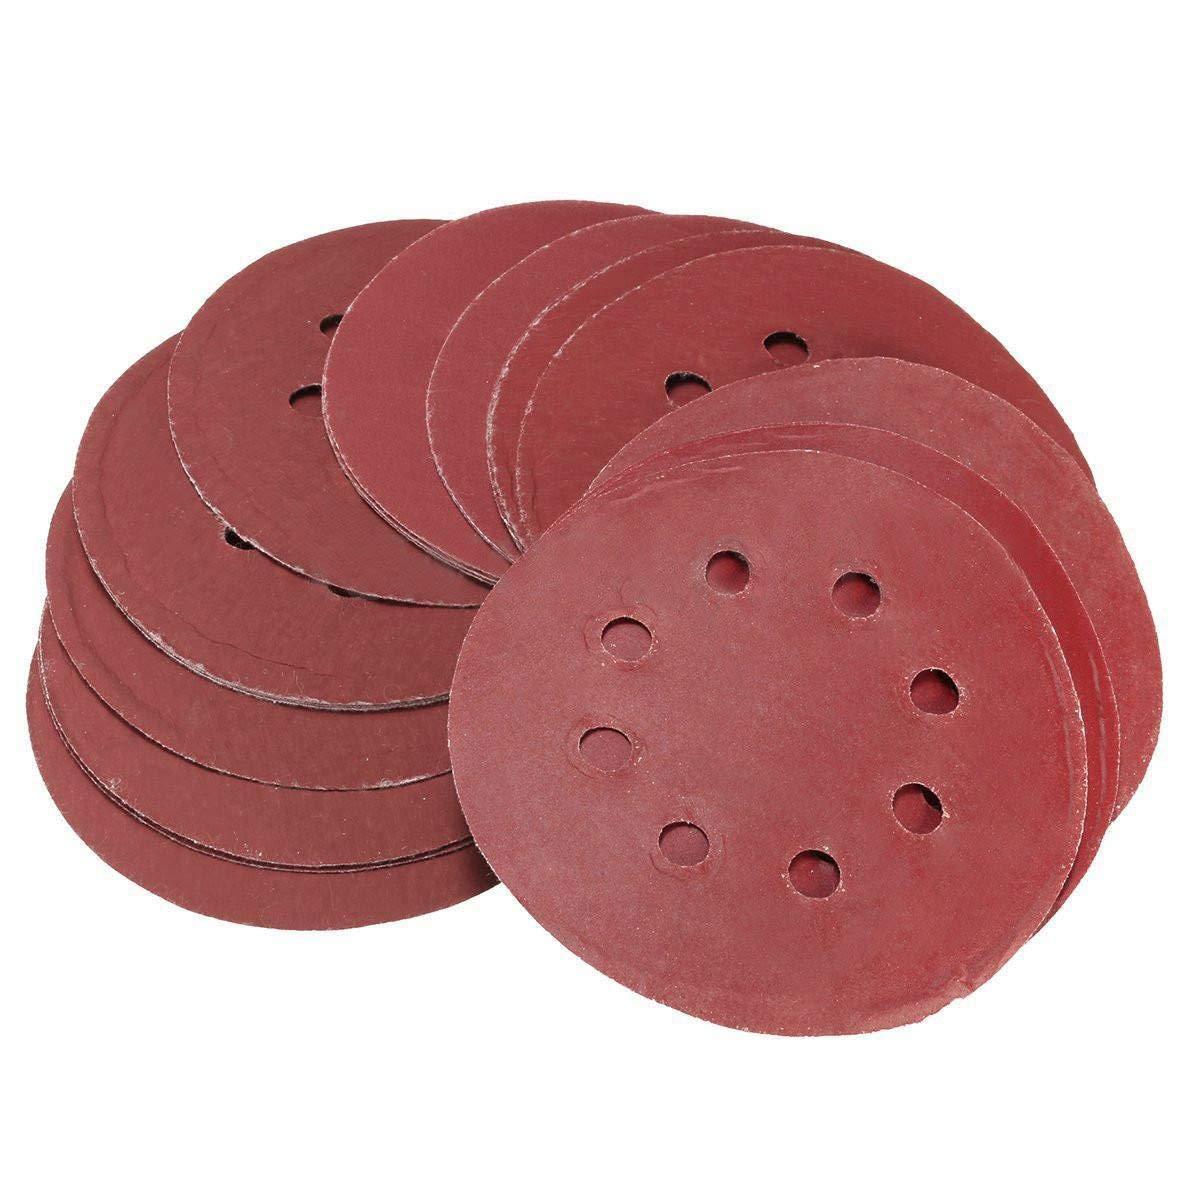 SODIAL(R) 25pcs 5 Inch Sanding Discs 125mm 8 Hole Sandpaper 800 1000 1200 1500 2000 Grit